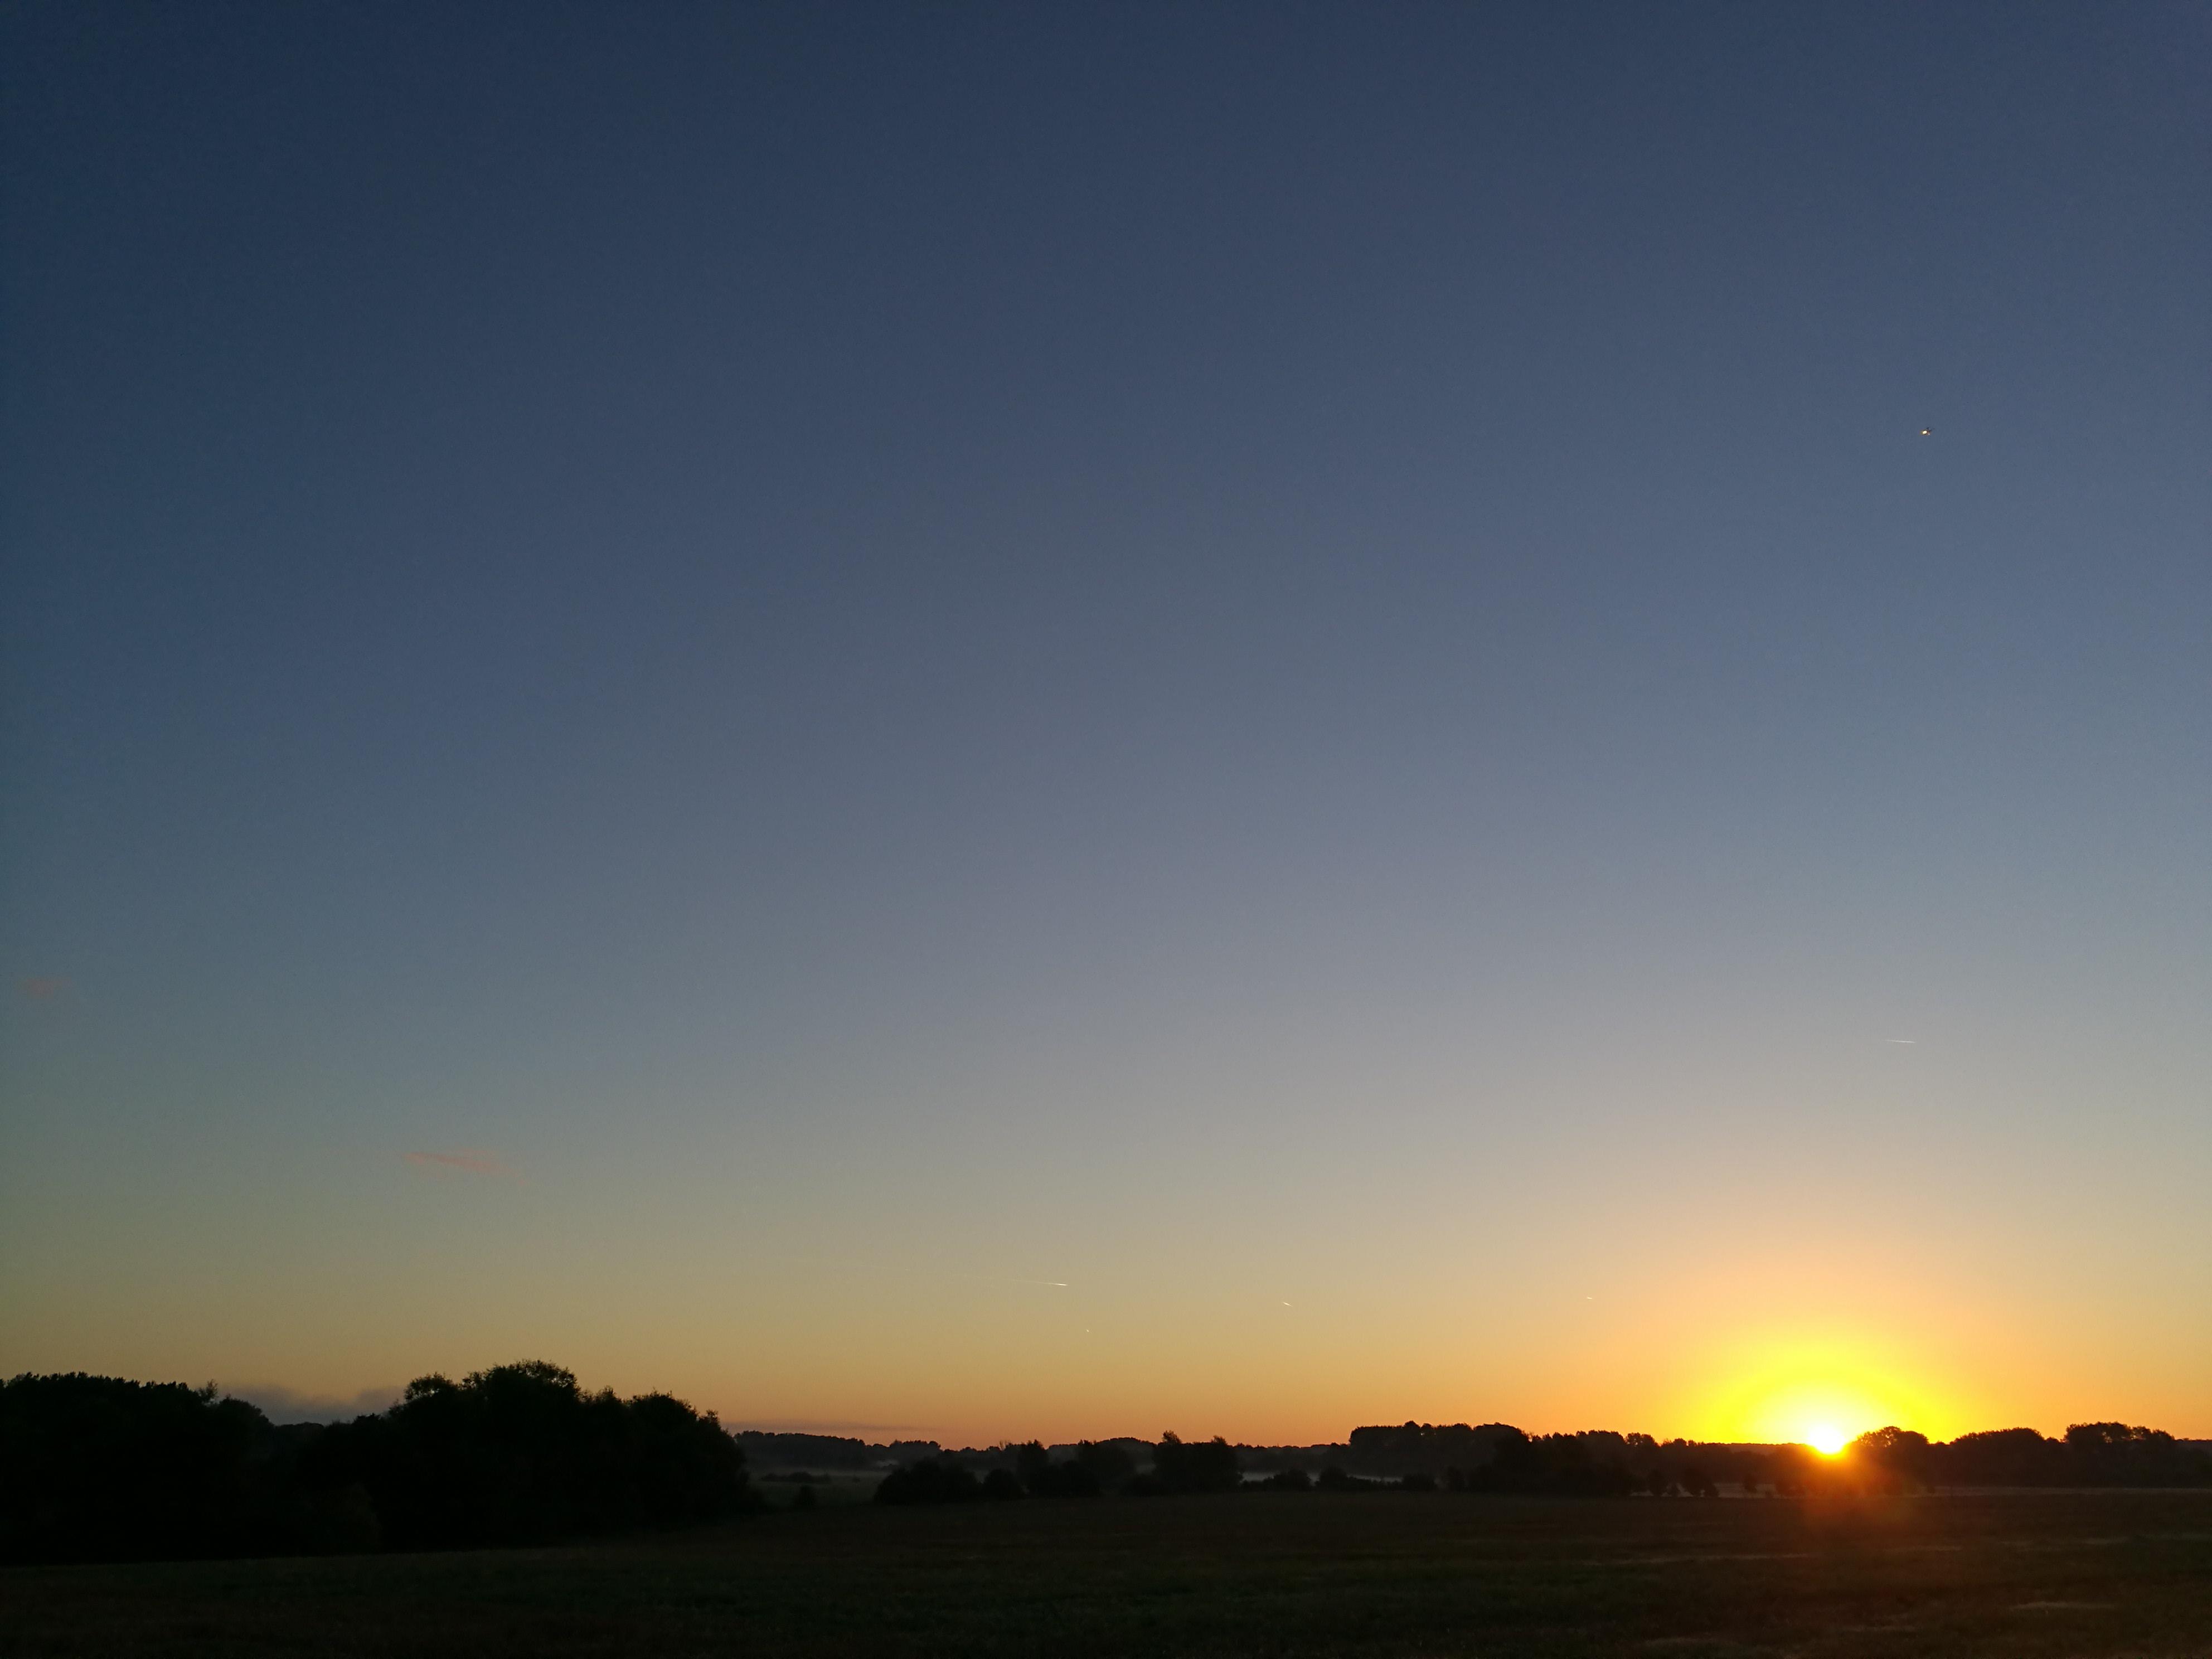 Sunrise in Brimpton